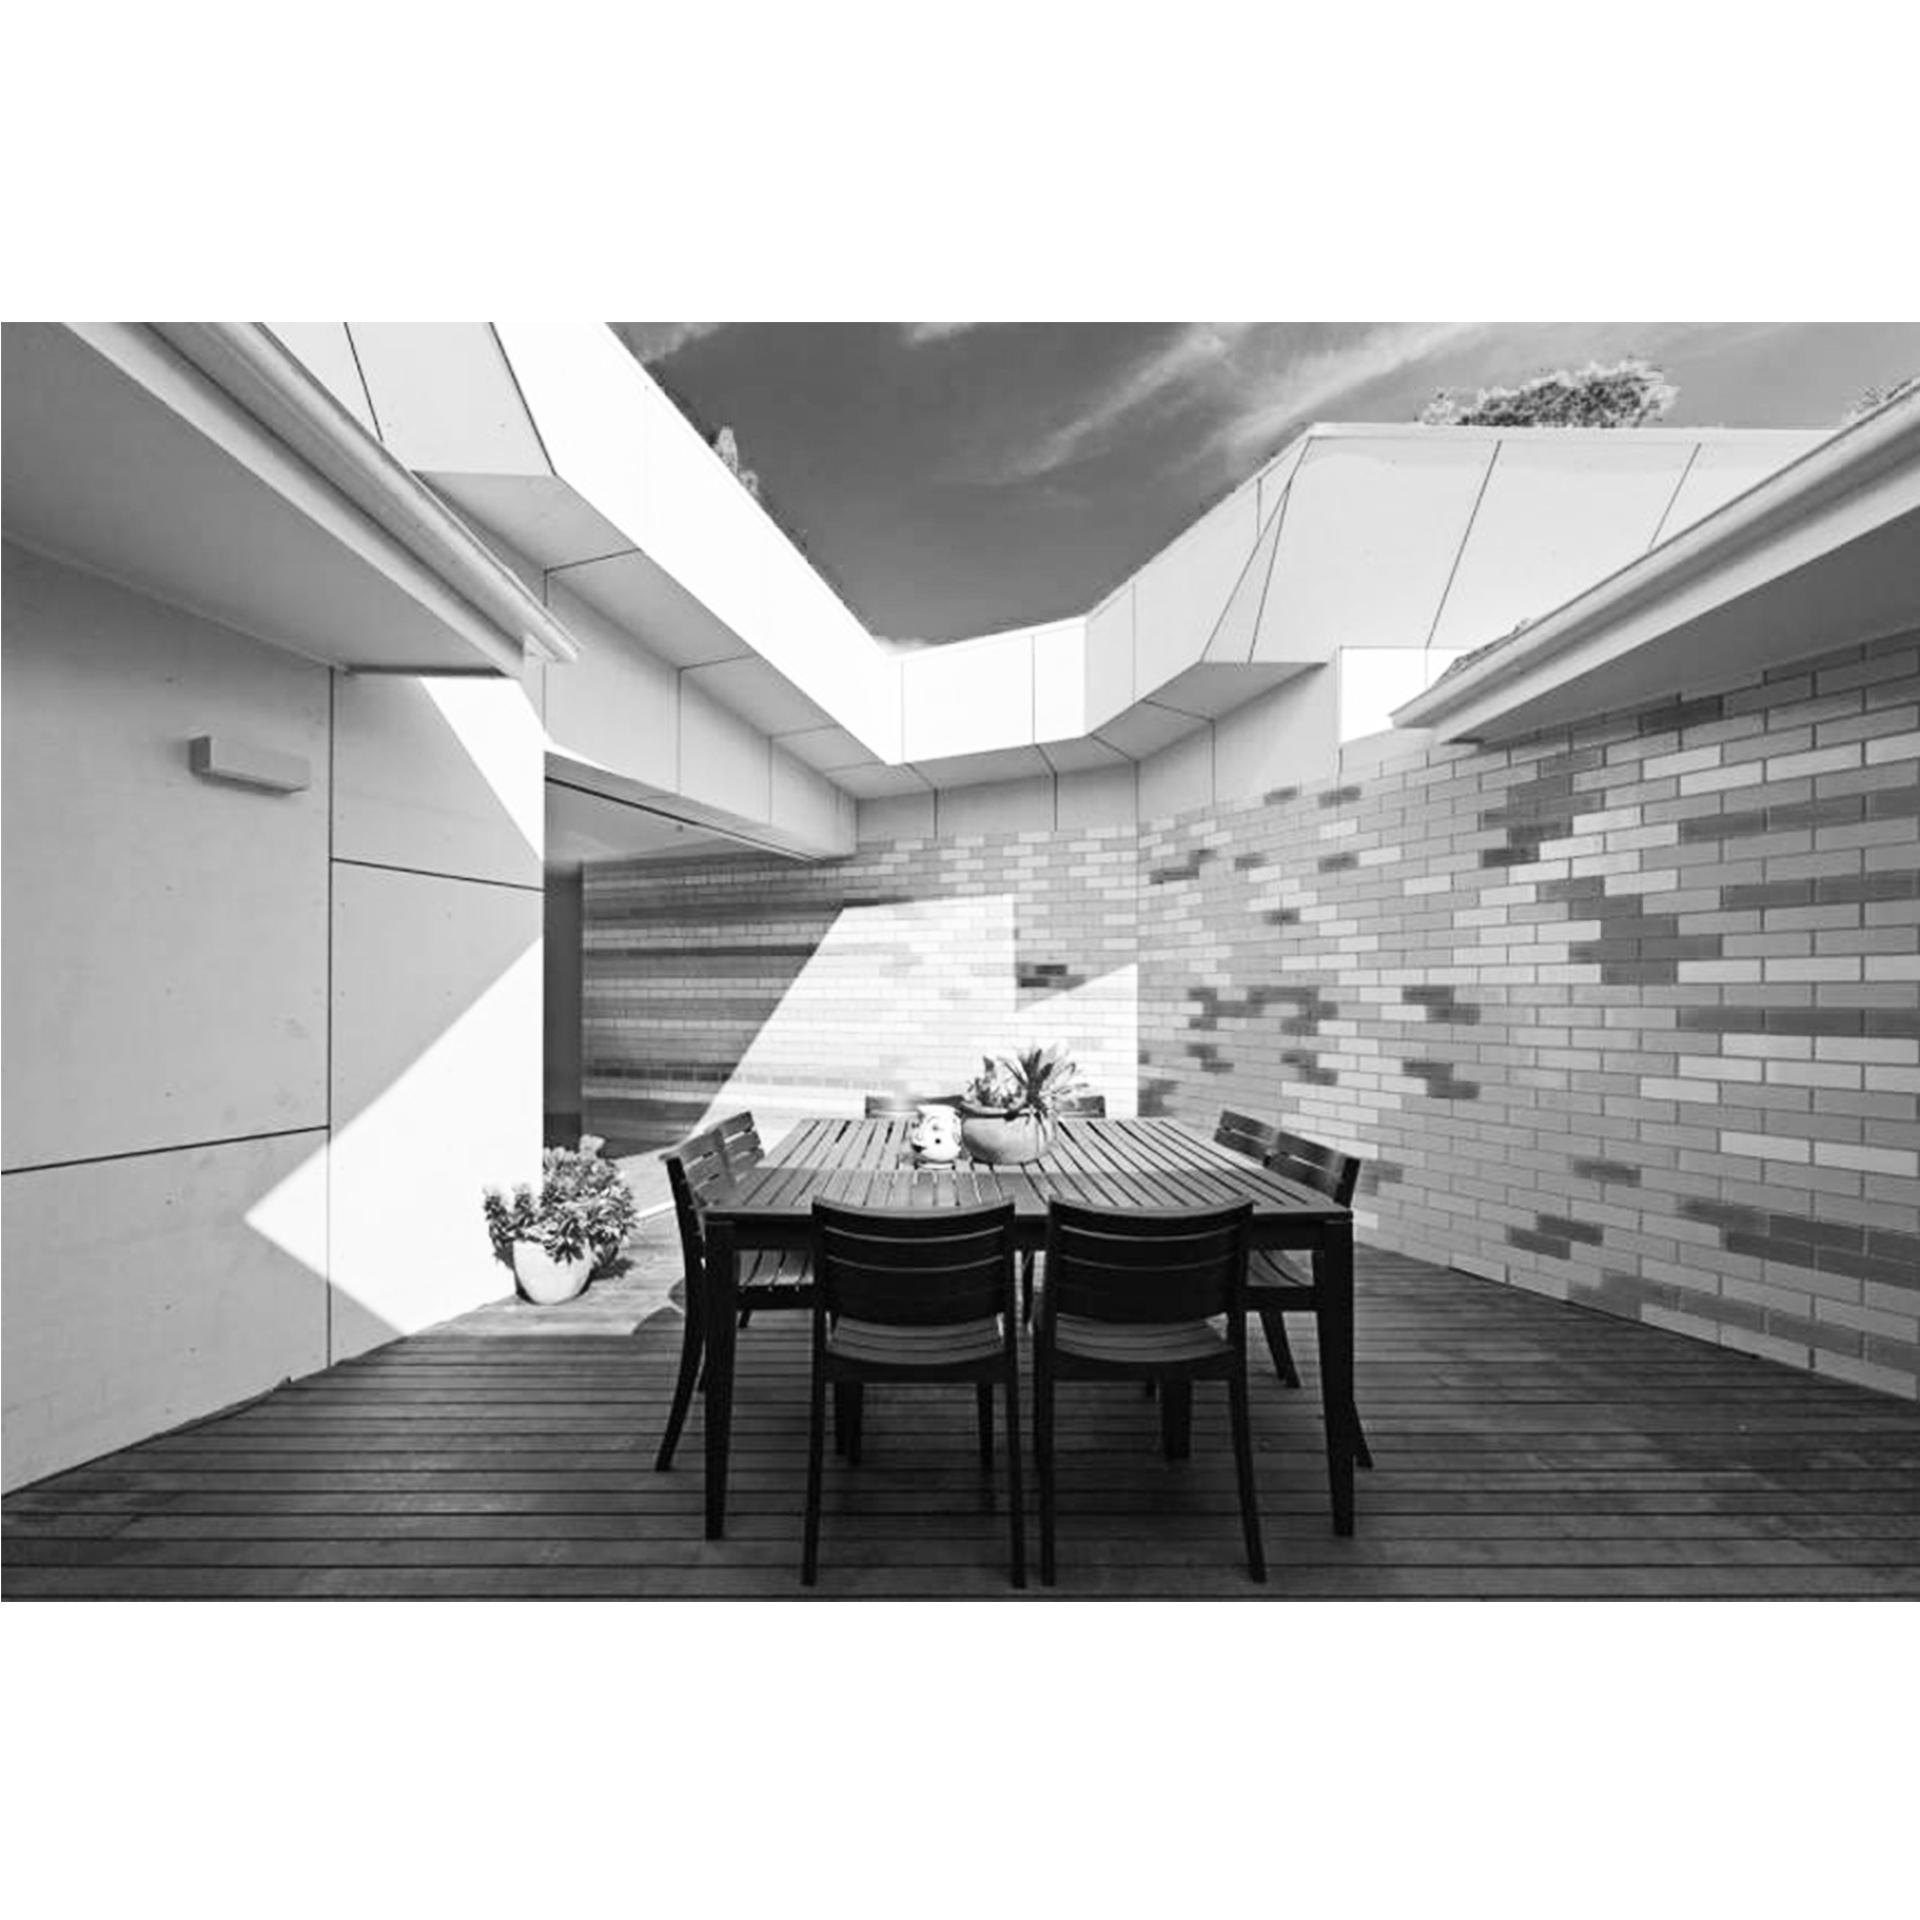 MvS Architects   |   Wattle Ave House